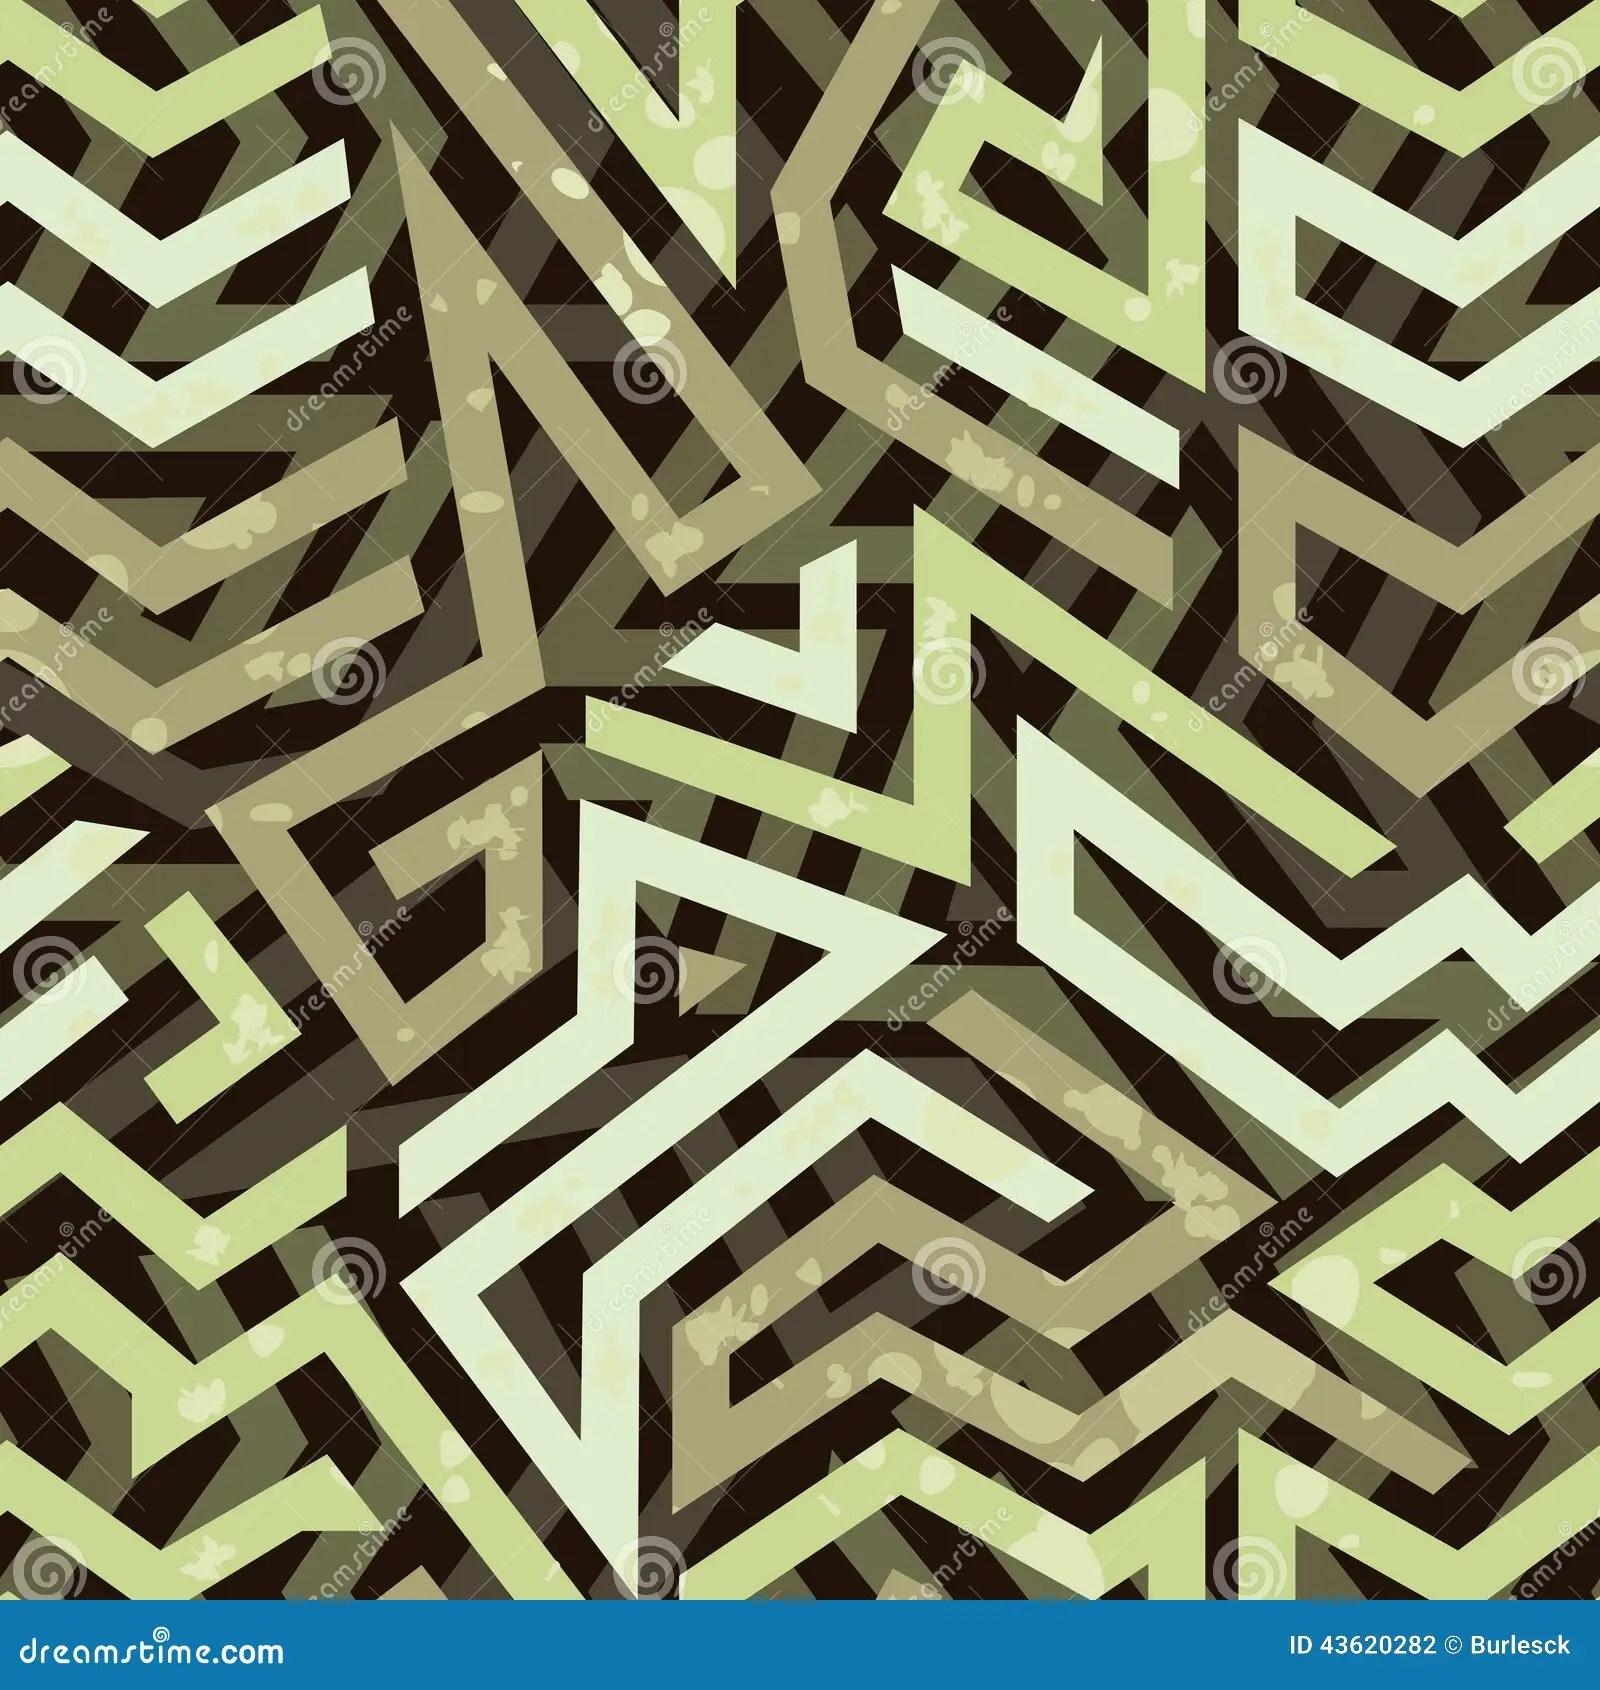 Graffiti Grunge Geometric Seamless Pattern Stock Vector